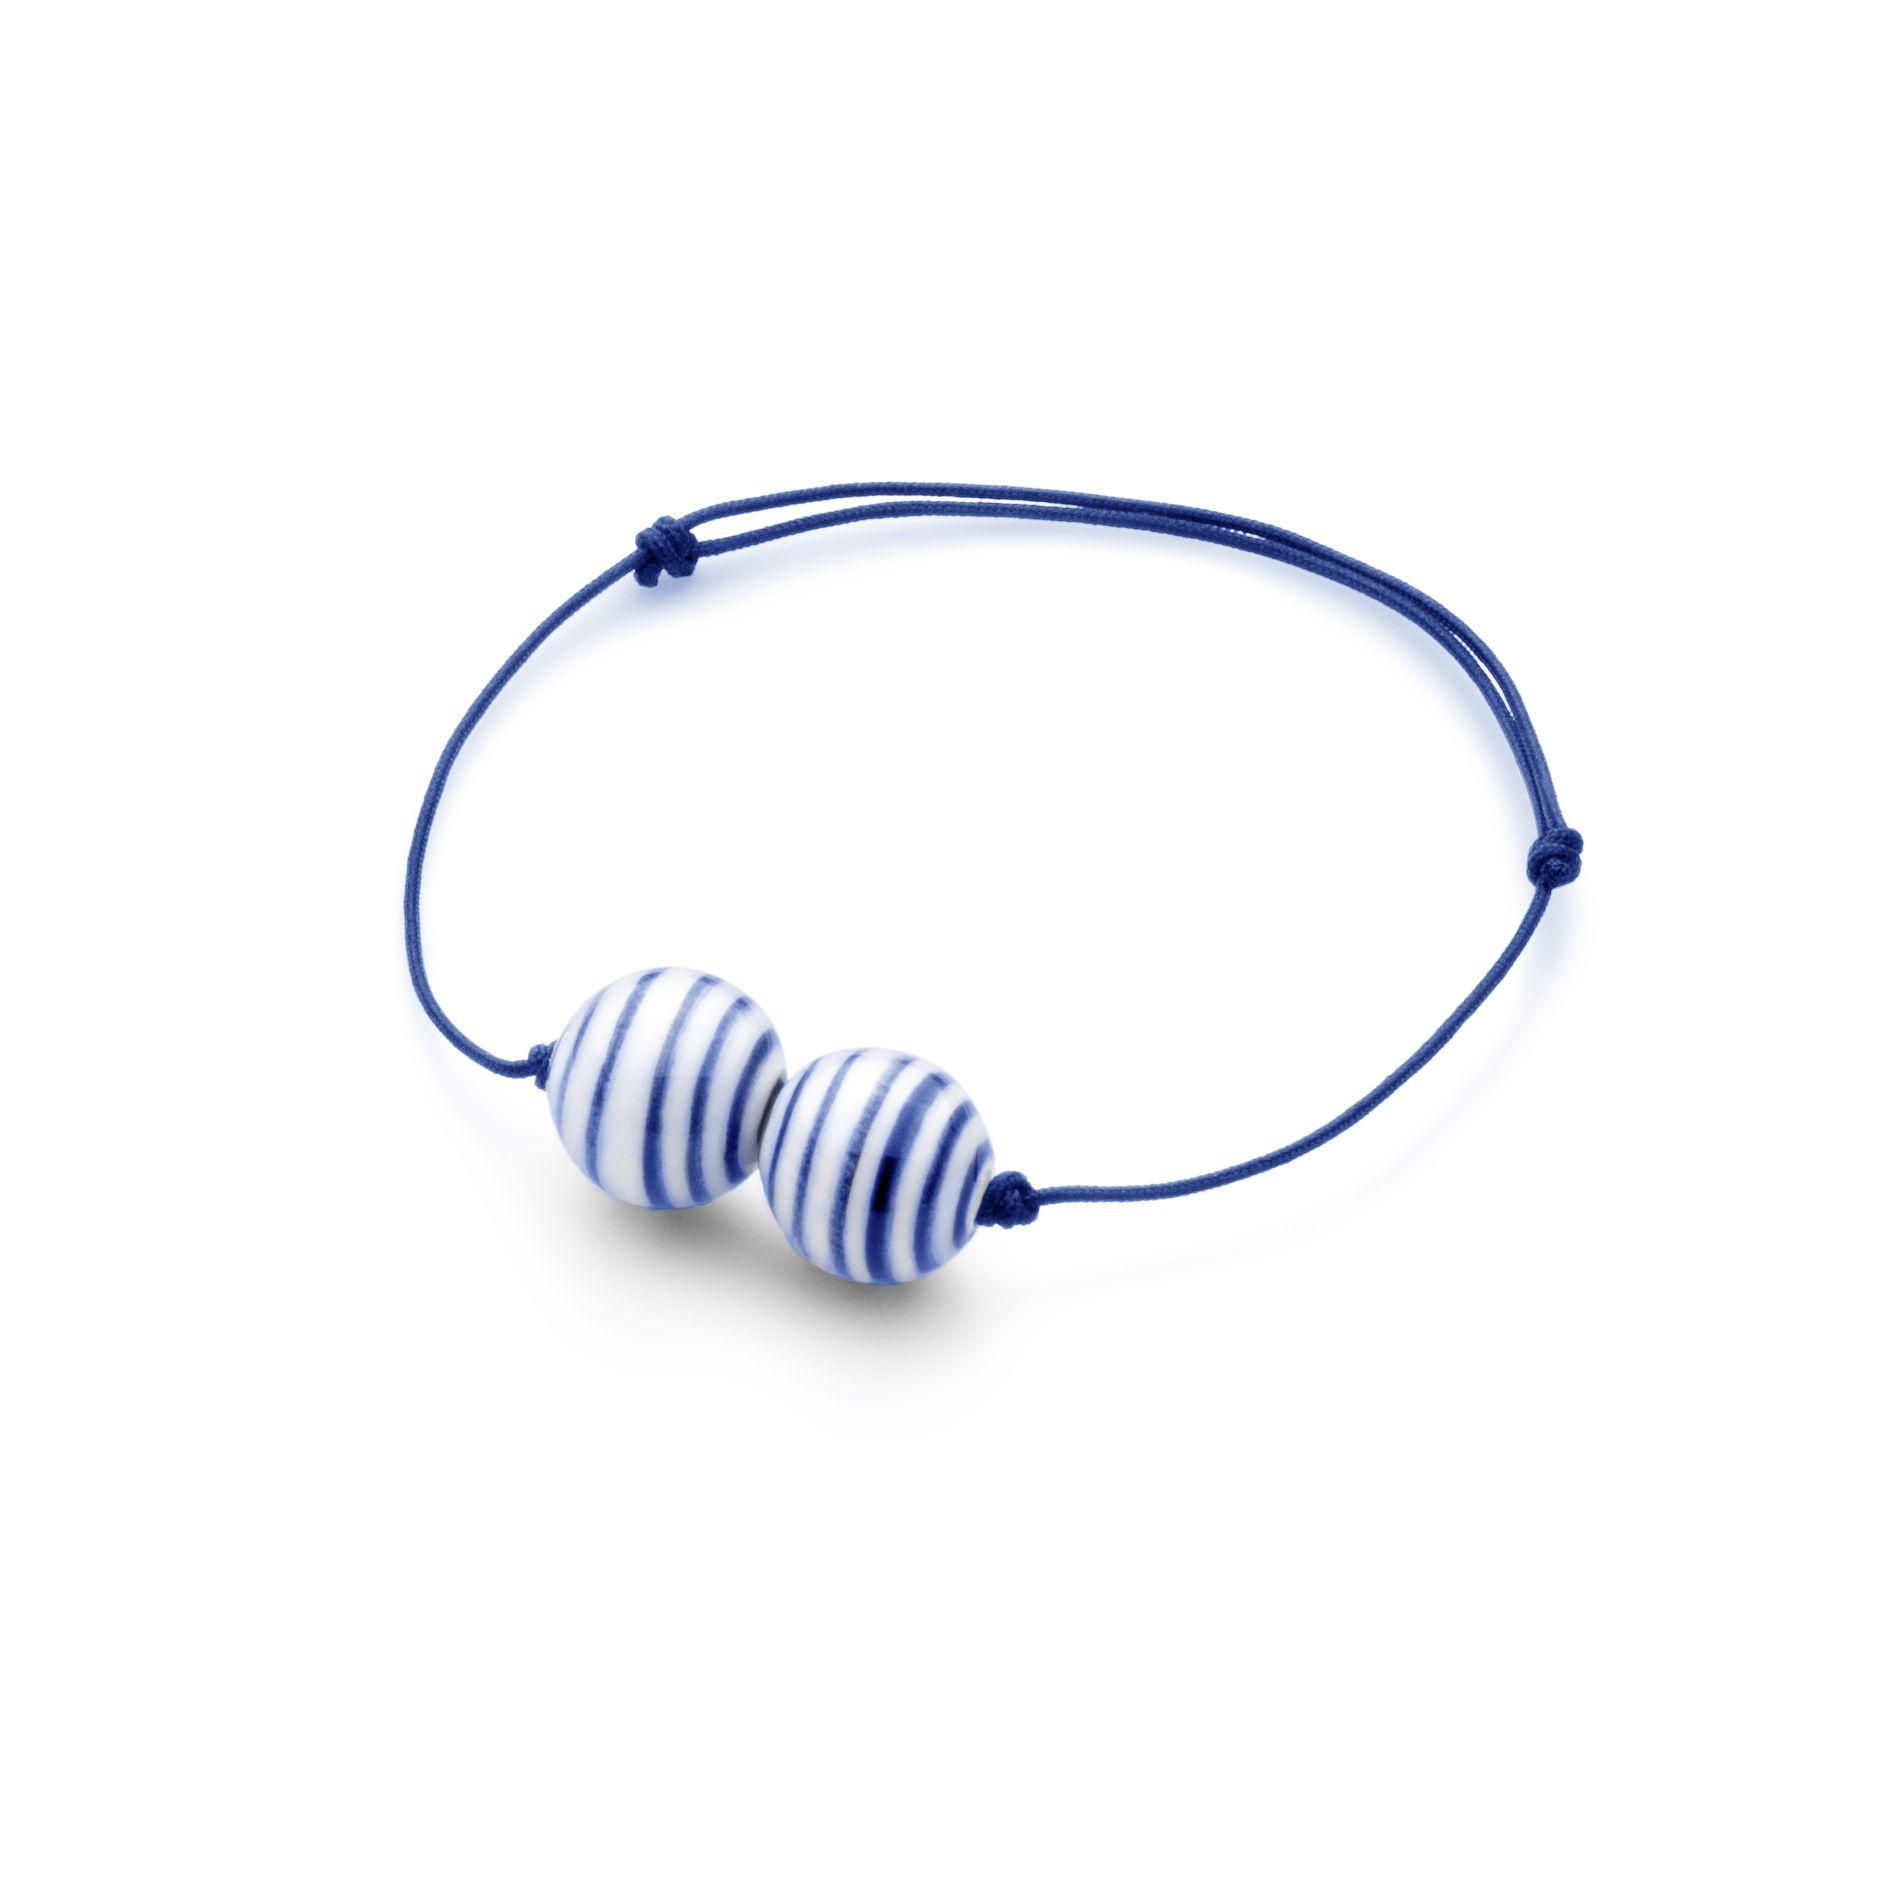 Sødt Anne Black armbånd - Stripes Armbånd i blå og hvid porcelænskugle. Tinga Tango Designbutik #anneblack #porcelain#porcelæn#smykker#jewelry#stripes